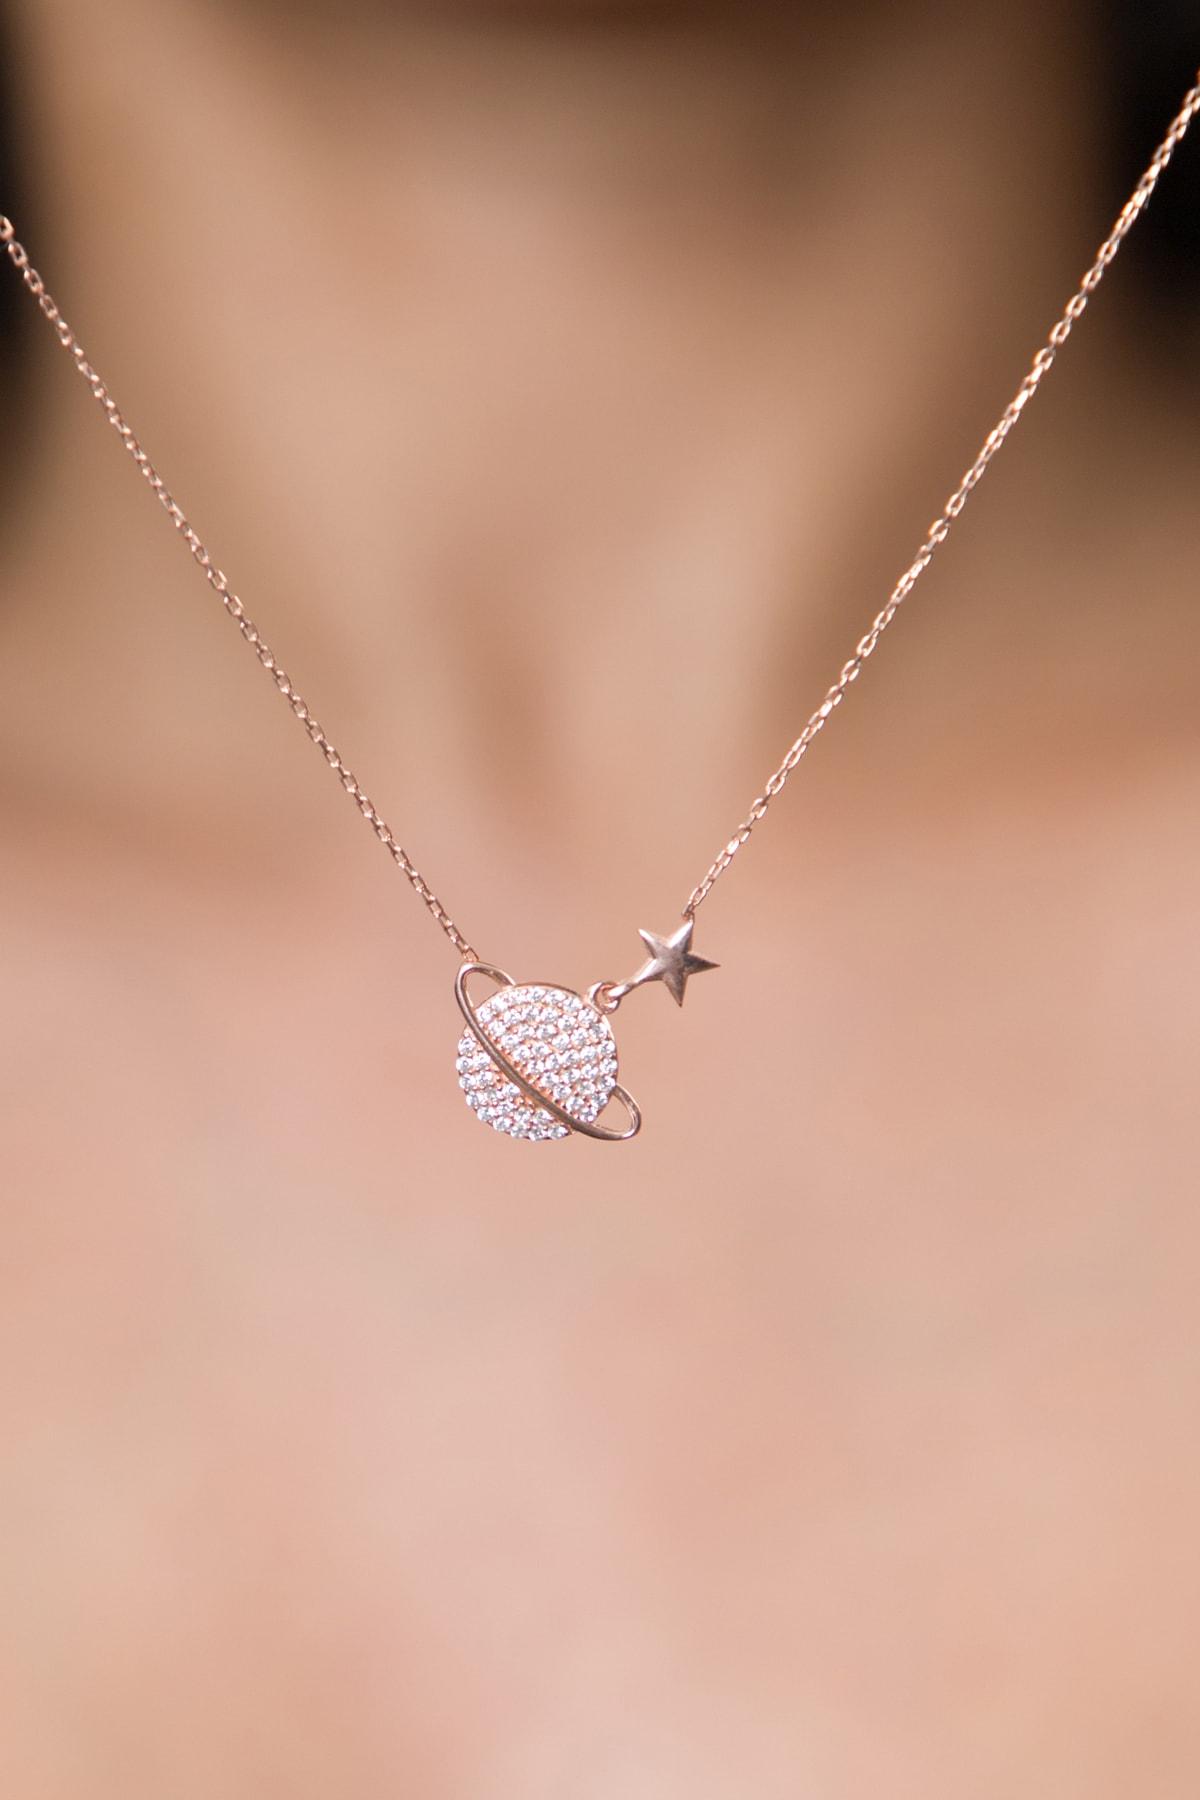 Elika Silver Kadın Gezegen Model Zirkon Taşlı Rose Kaplama 925 Ayar Gümüş Kolye